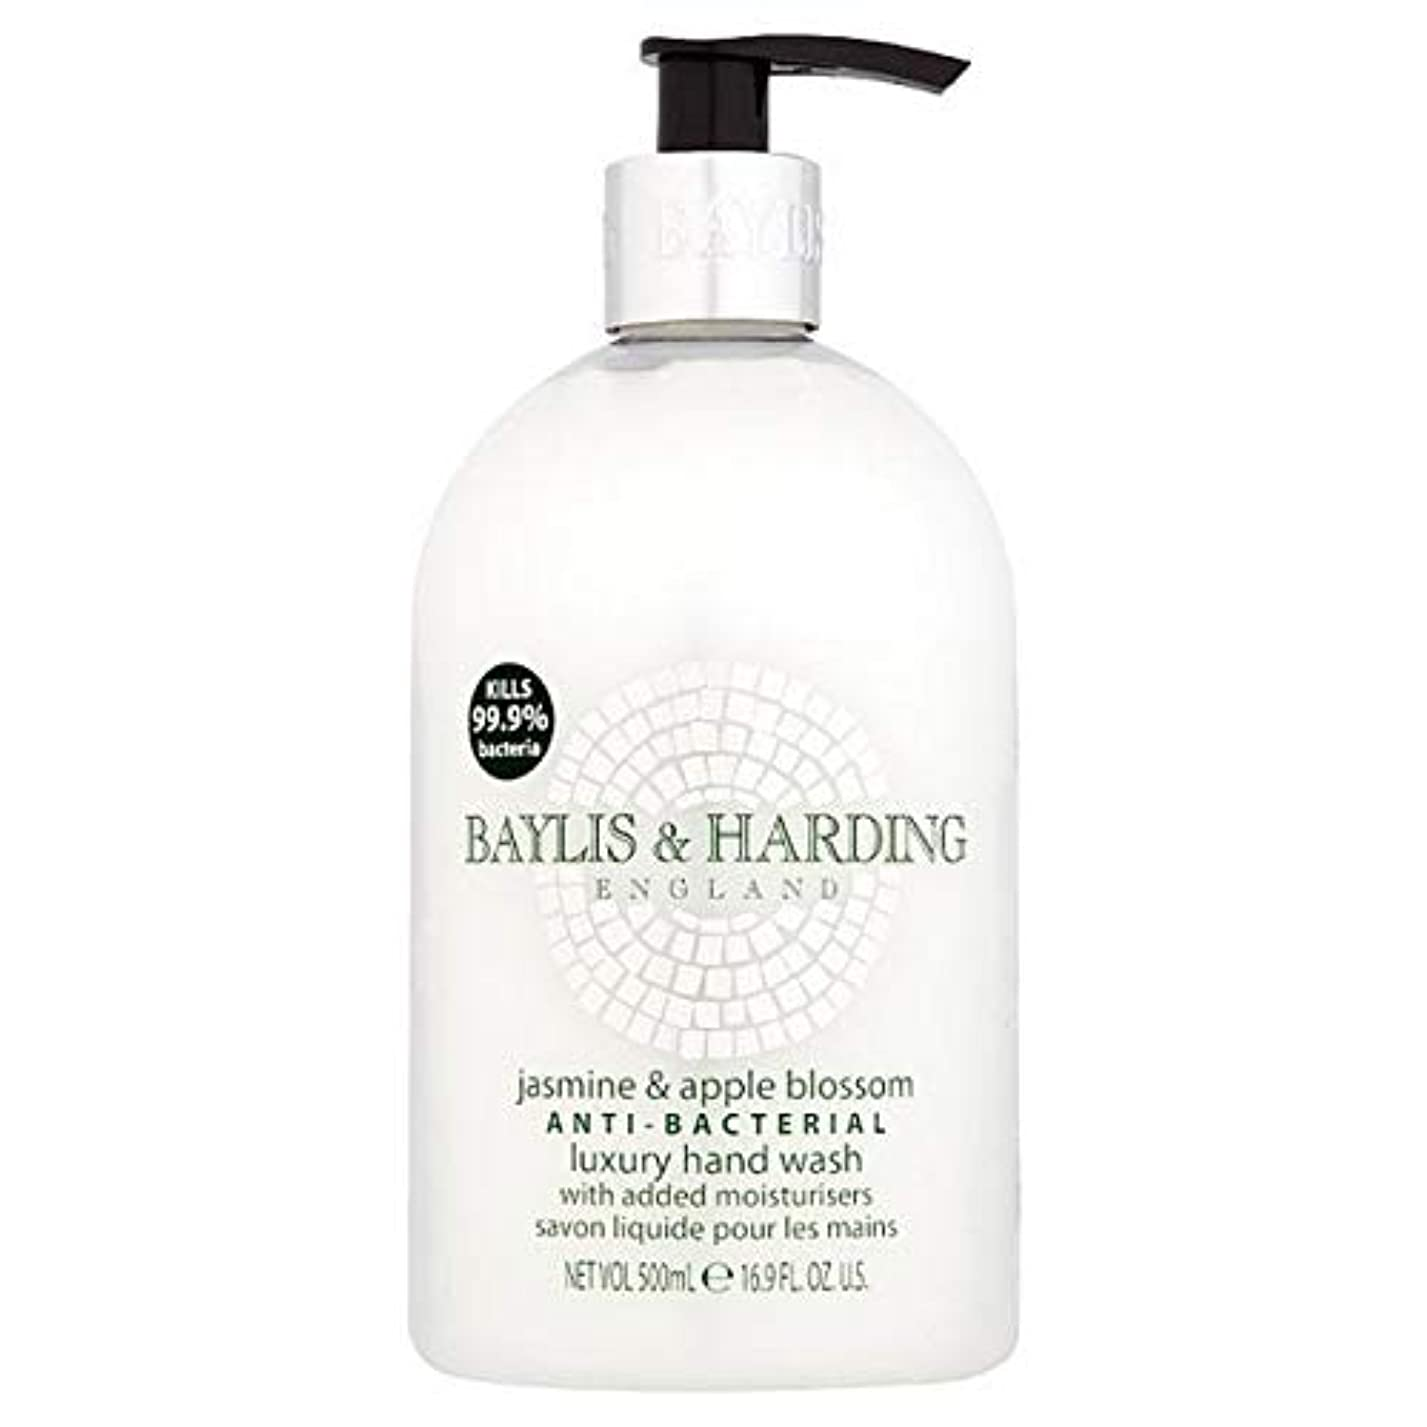 欠点反射バトル[Baylis & Harding ] ベイリス&ハーディング署名抗菌手洗い用500ミリリットル - Baylis & Harding Signature Antibacterial Hand Wash 500ml [並行輸入品]